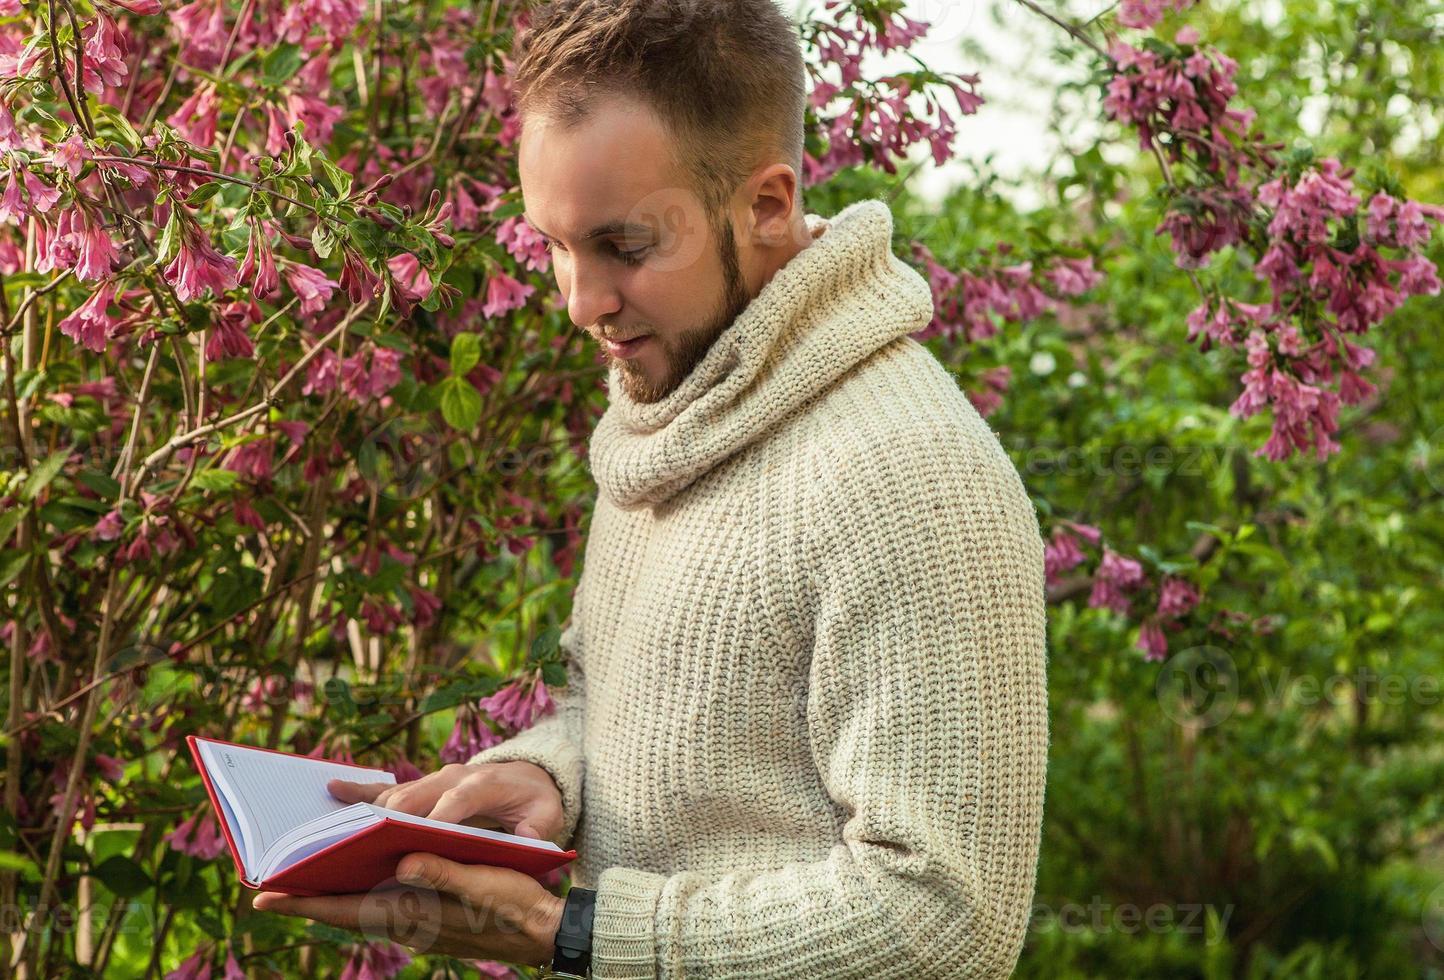 joven amable con libro rojo en un jardín de verano. foto